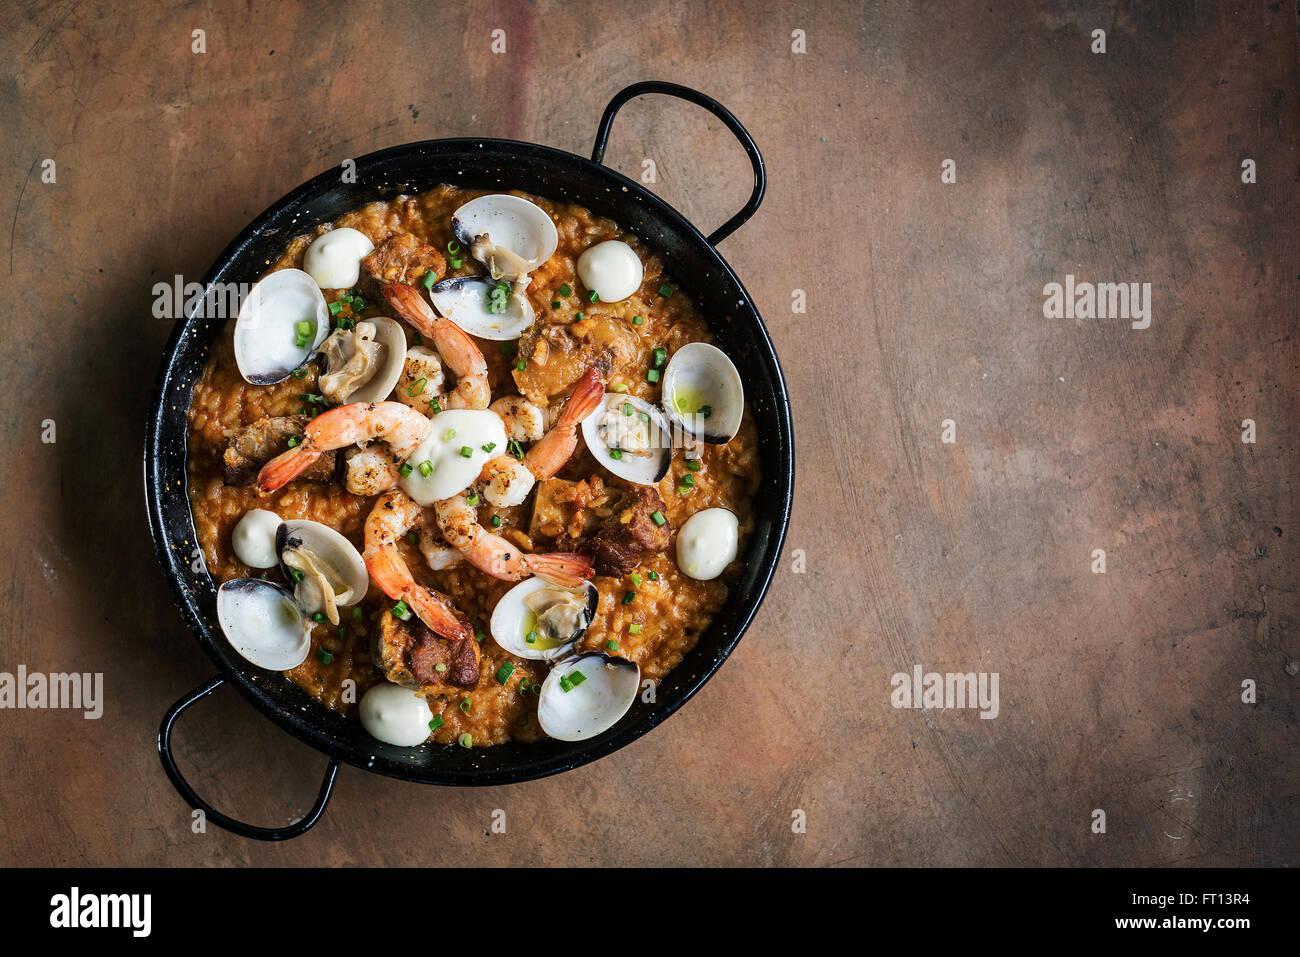 Piatti a base di pesce e per il Riso paella tradizionale famoso cibo spagnolo Immagini Stock